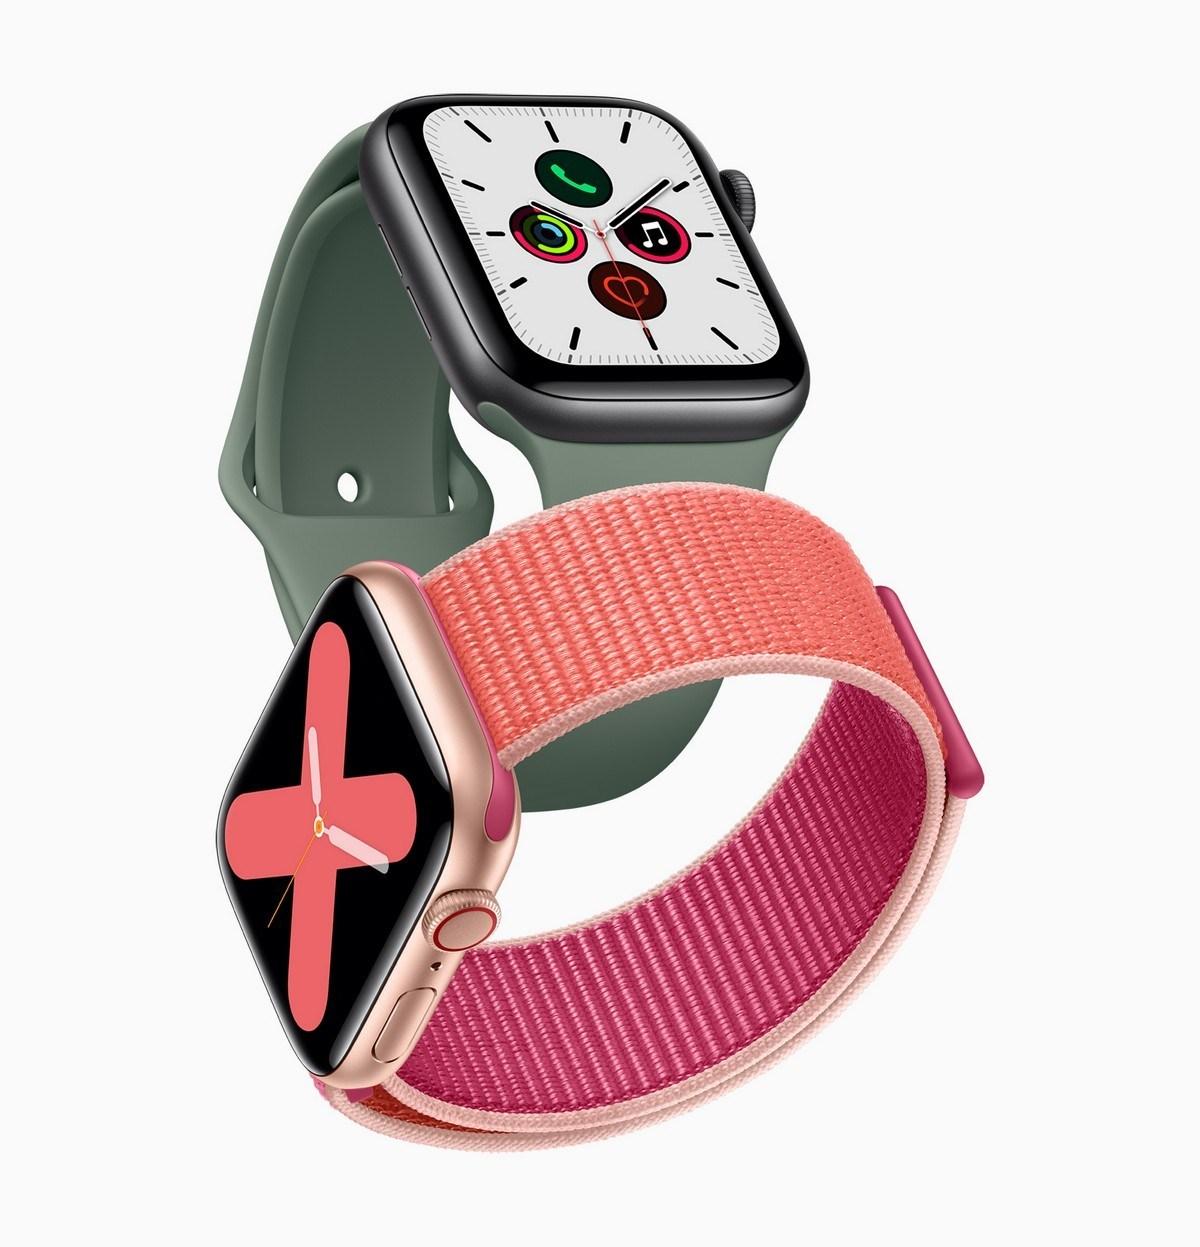 karşılamak AppleEn Son Giyilebilir Apple Watch Seri 5 1